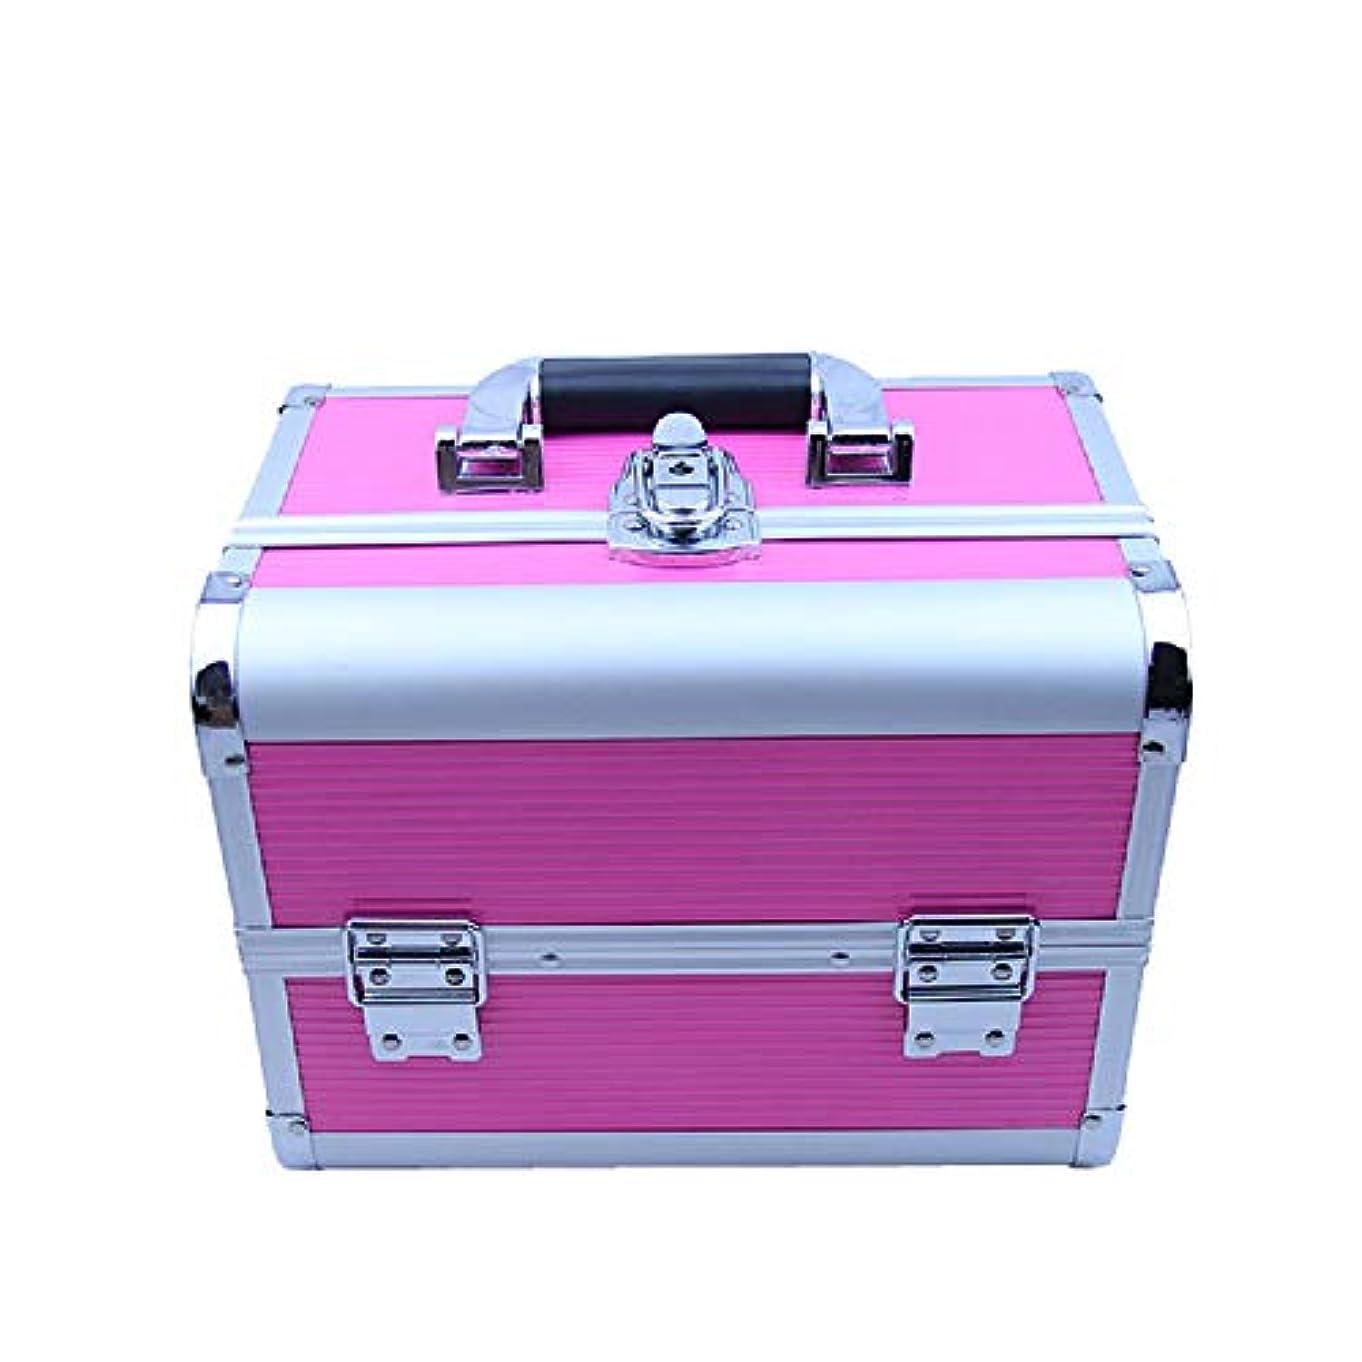 化粧オーガナイザーバッグ メイクアップトレインケースポータブル化粧オーガナイザー丈夫なアルミフレームロックと折り畳みトレイ 化粧品ケース